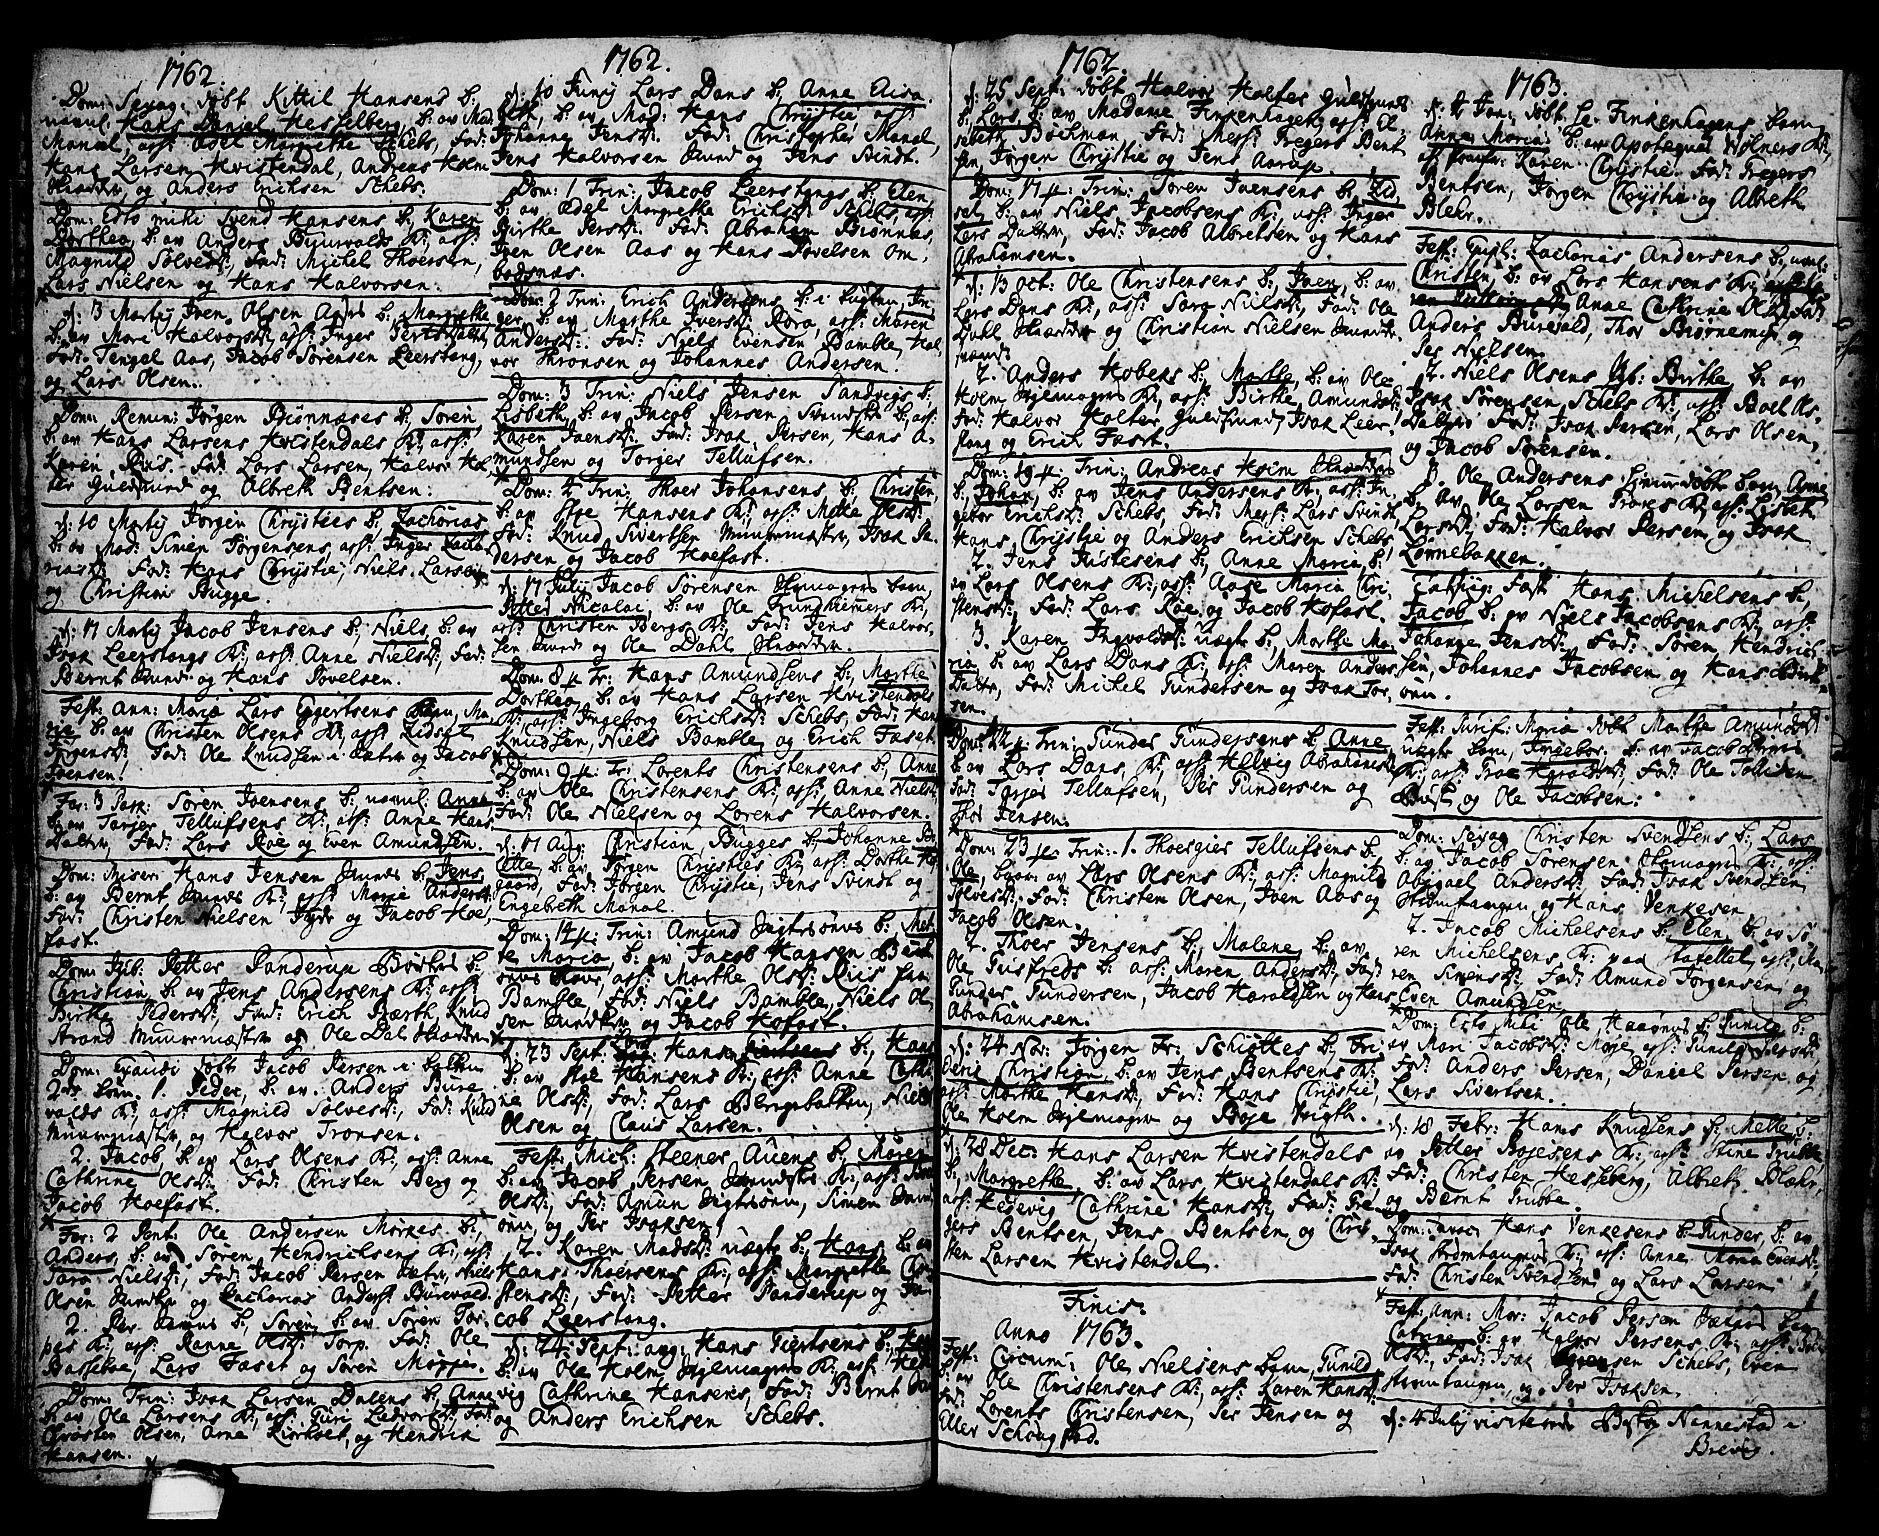 SAKO, Brevik kirkebøker, F/Fa/L0002: Ministerialbok nr. 2, 1720-1764, s. 35i